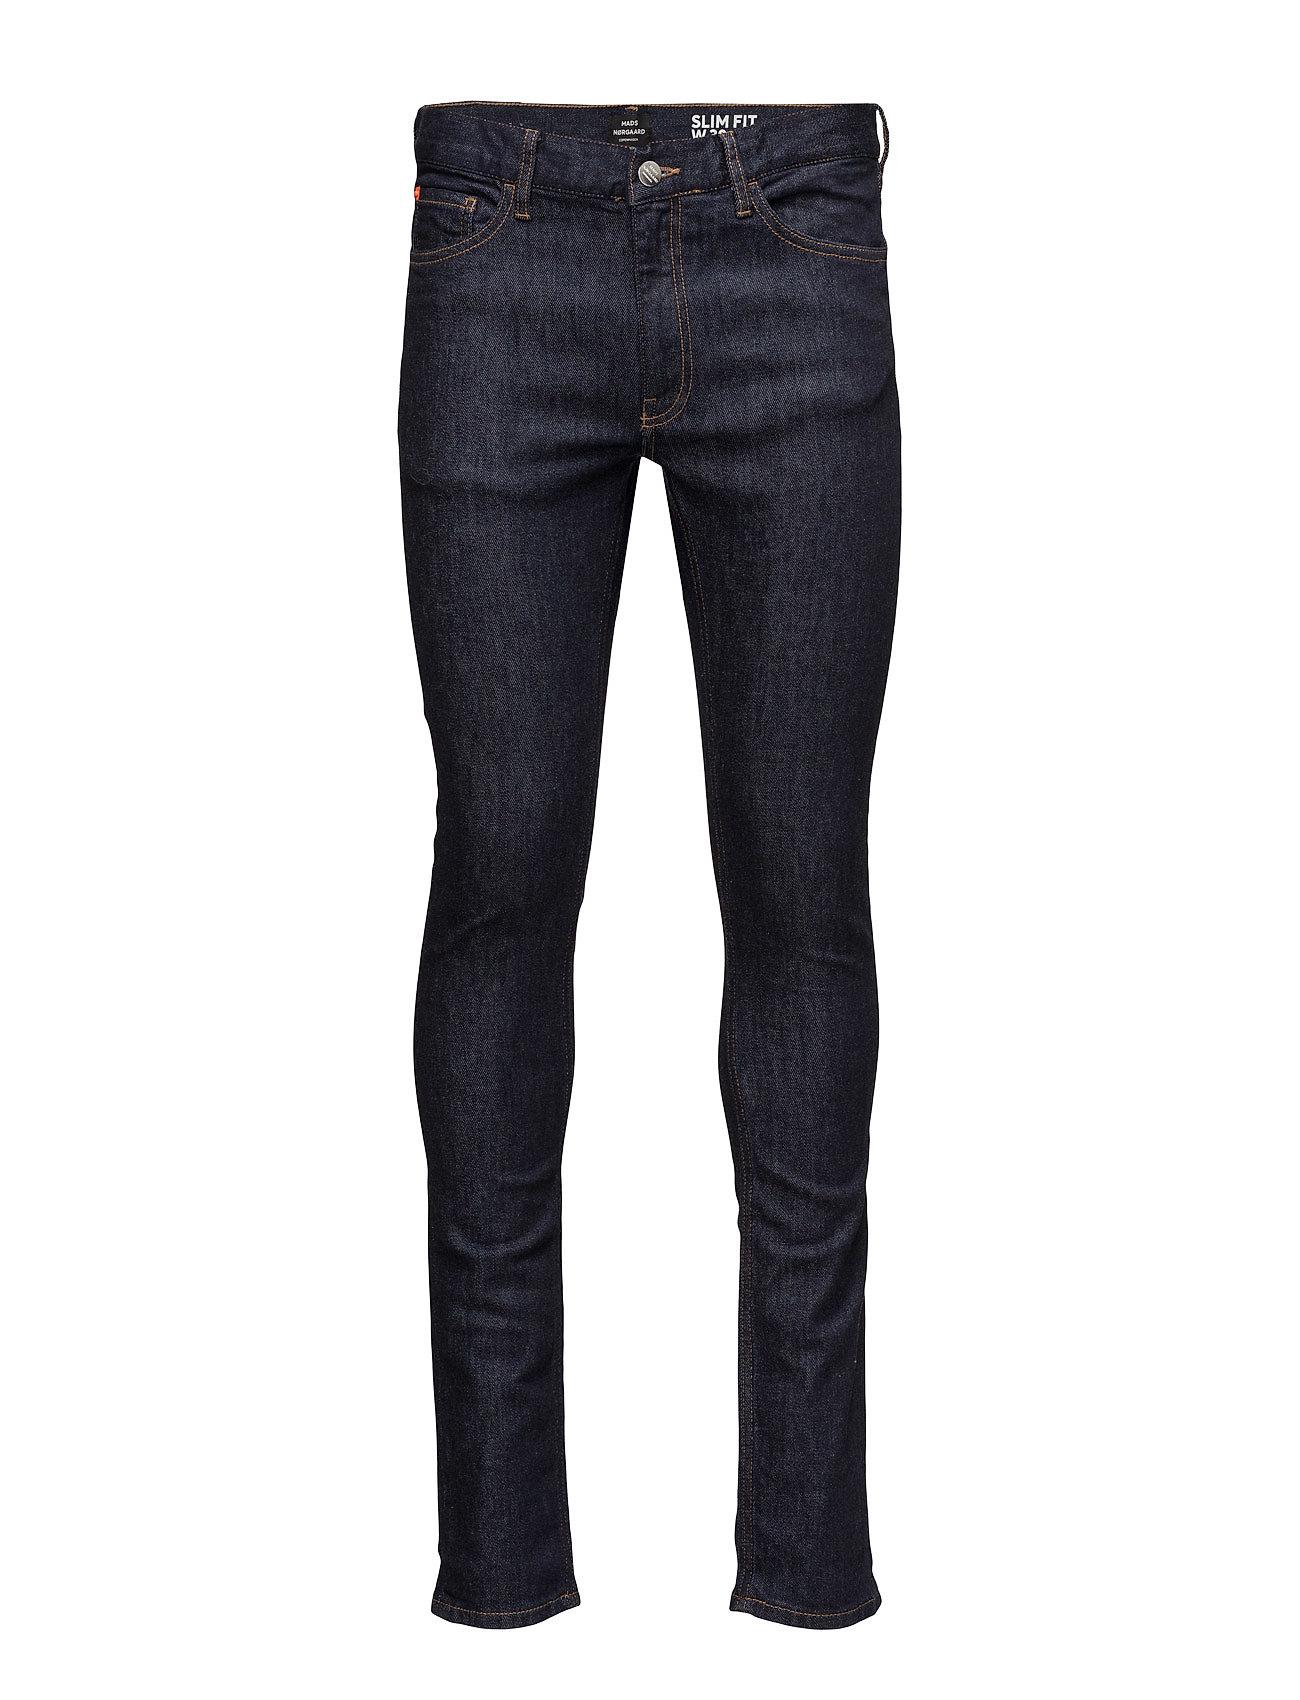 Slim Fit Rinse 17-1 Mads Nørgaard Jeans til Mænd i